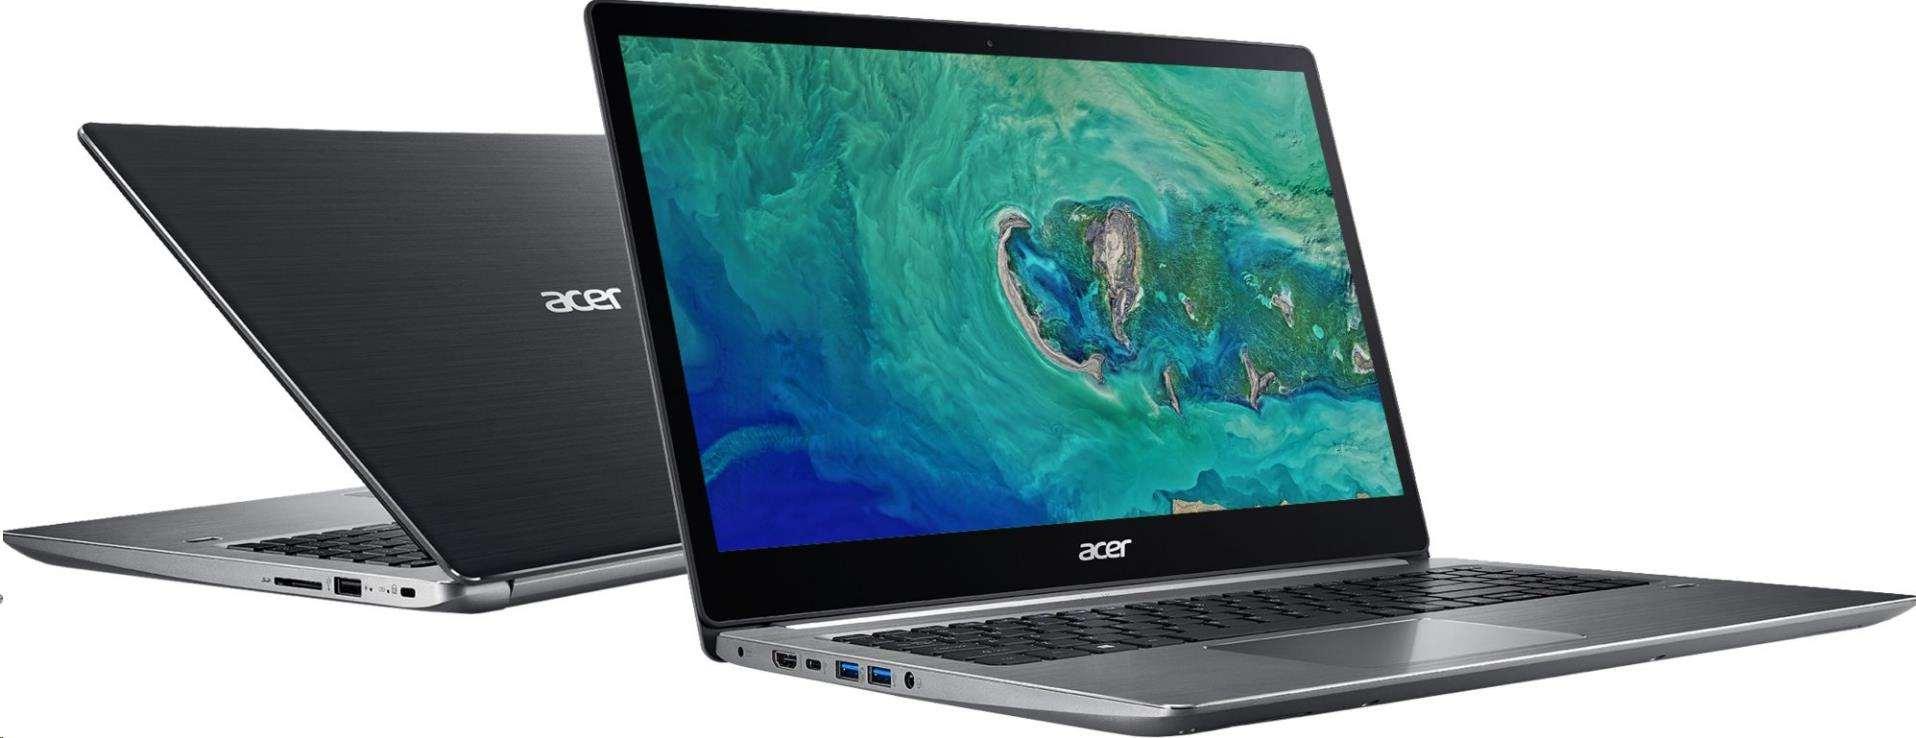 """ACER NTB Swift 3 SF315-41-R26T - Ryzen 5-2500U@2.0GHz,15.6"""" FHD IPS,8GB,512SSD,Radeon Vega 8,backl,HDMI,W10H"""